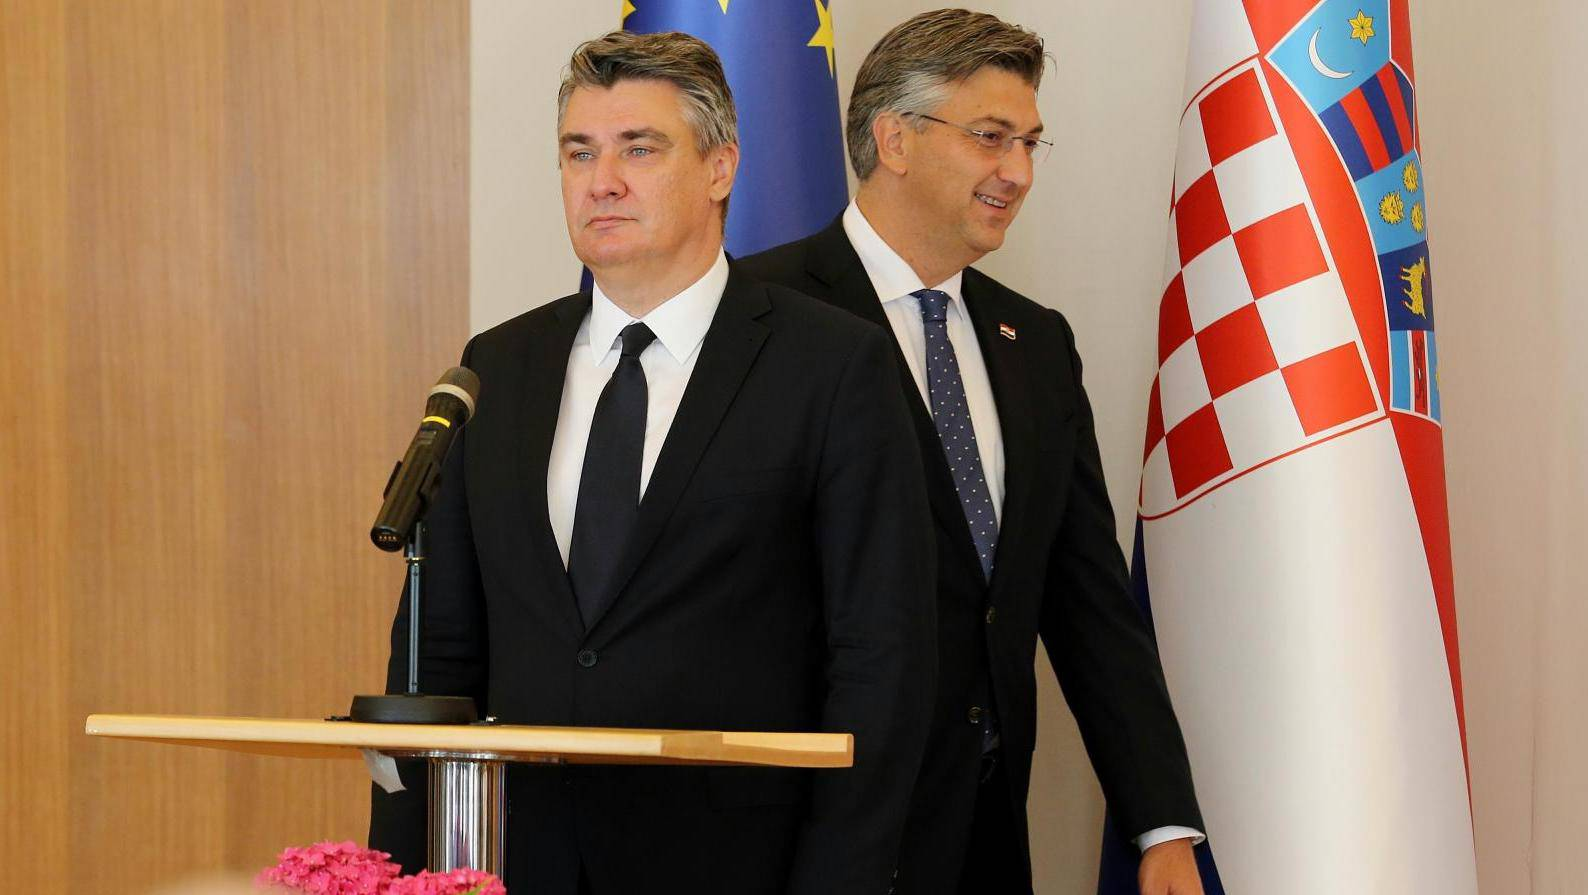 HDZ uvjerljivo prvi, Plenković najpopularniji političar, Milanoviću porastao rejting